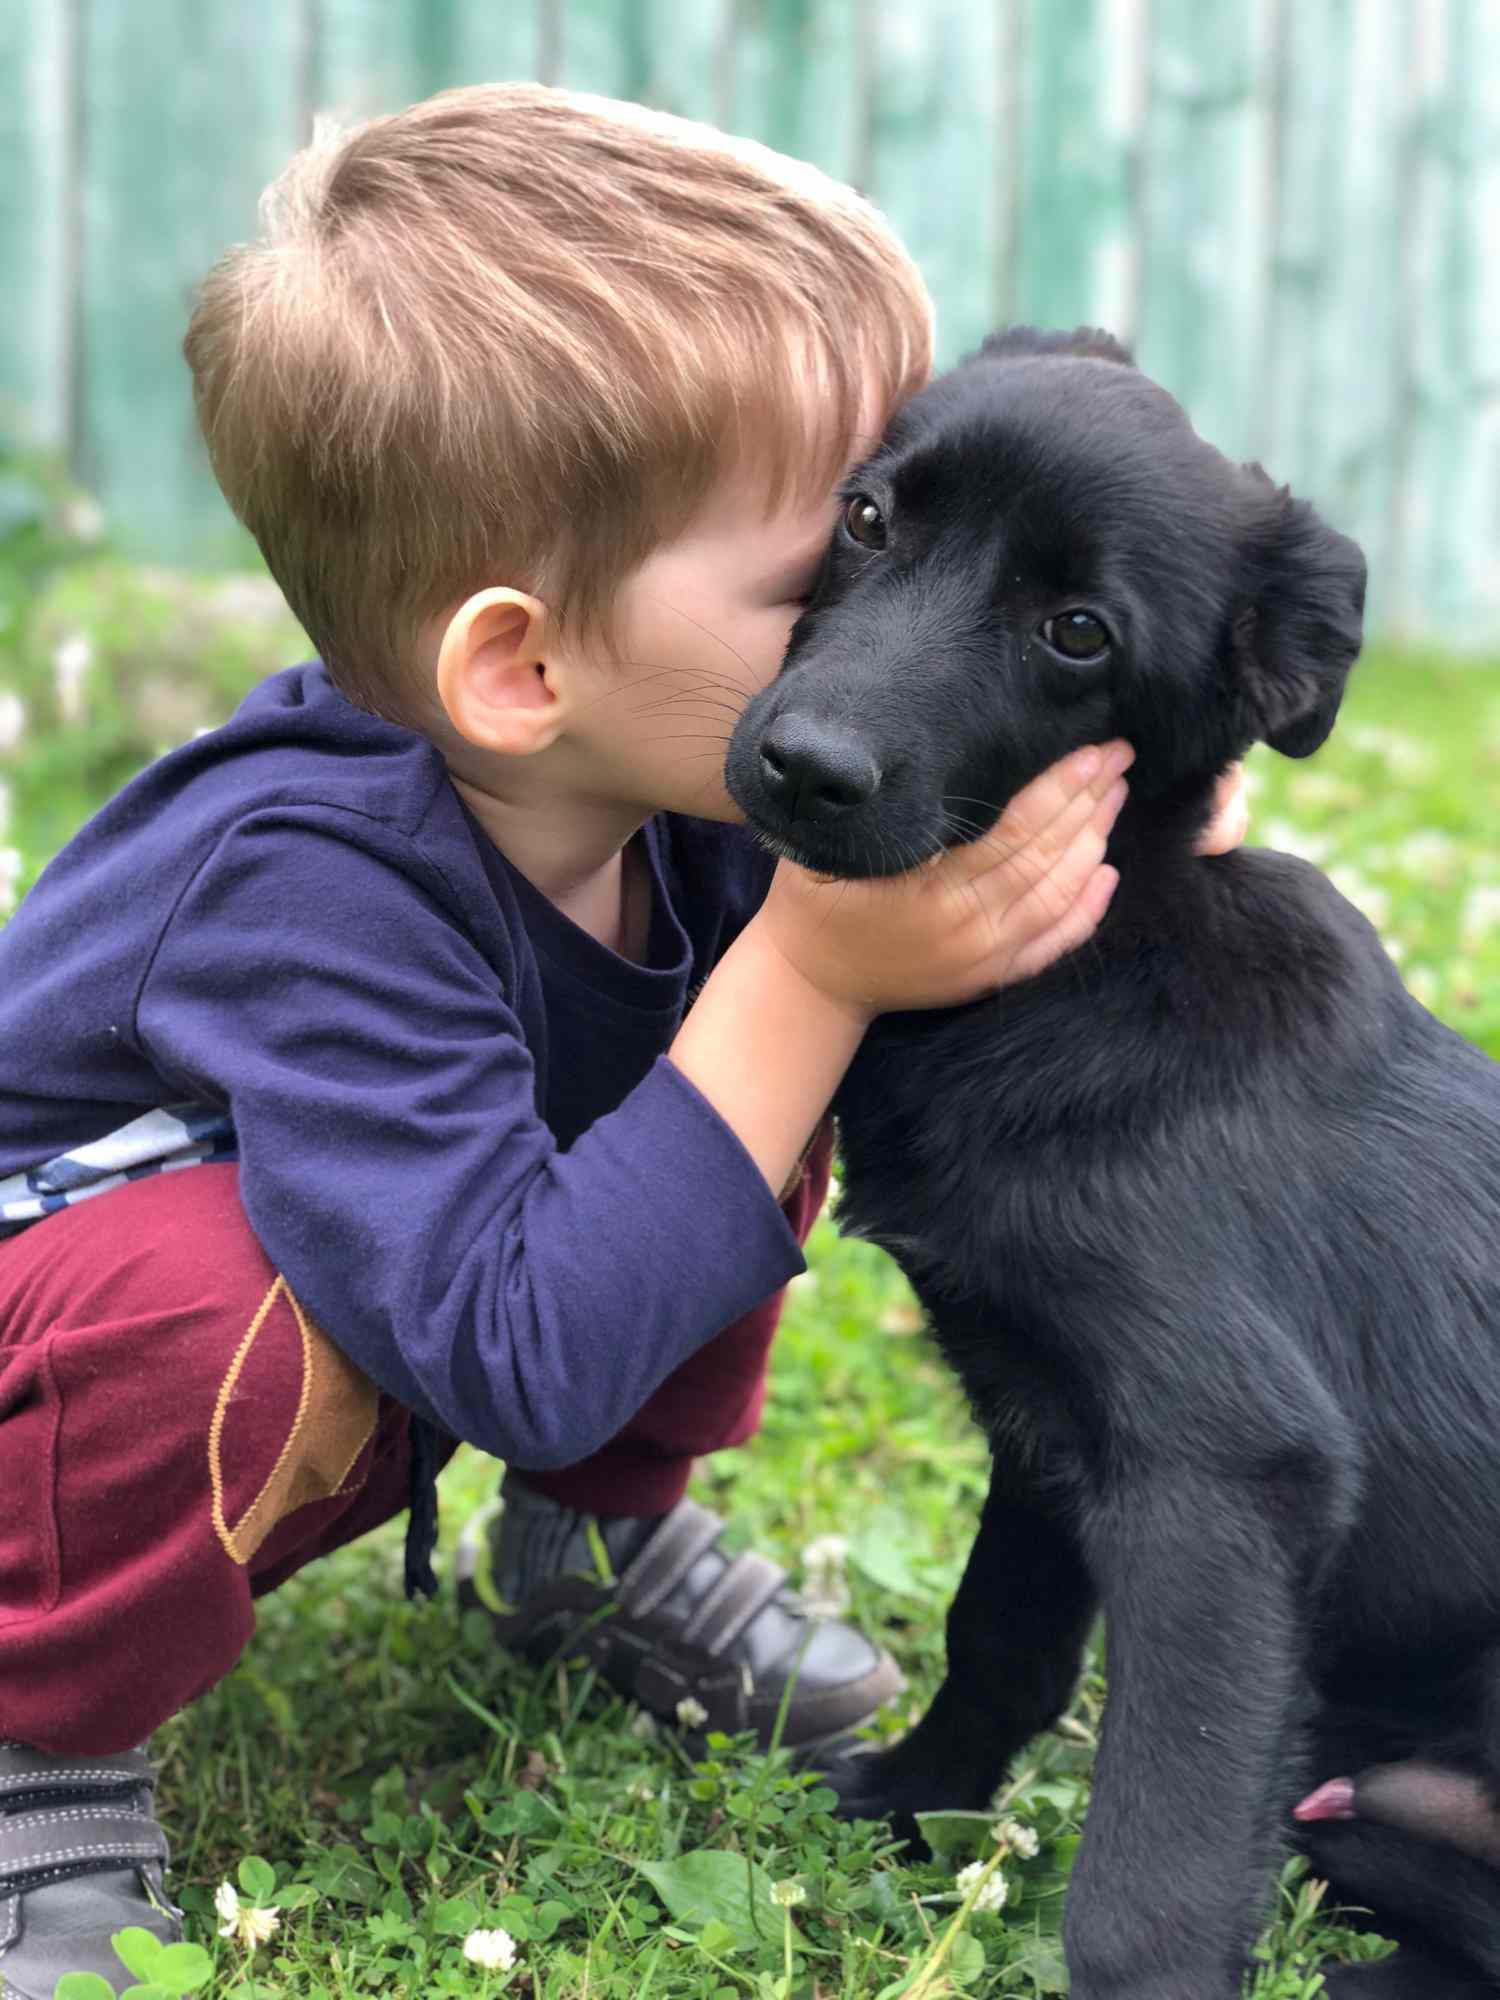 Boy kissing puppy